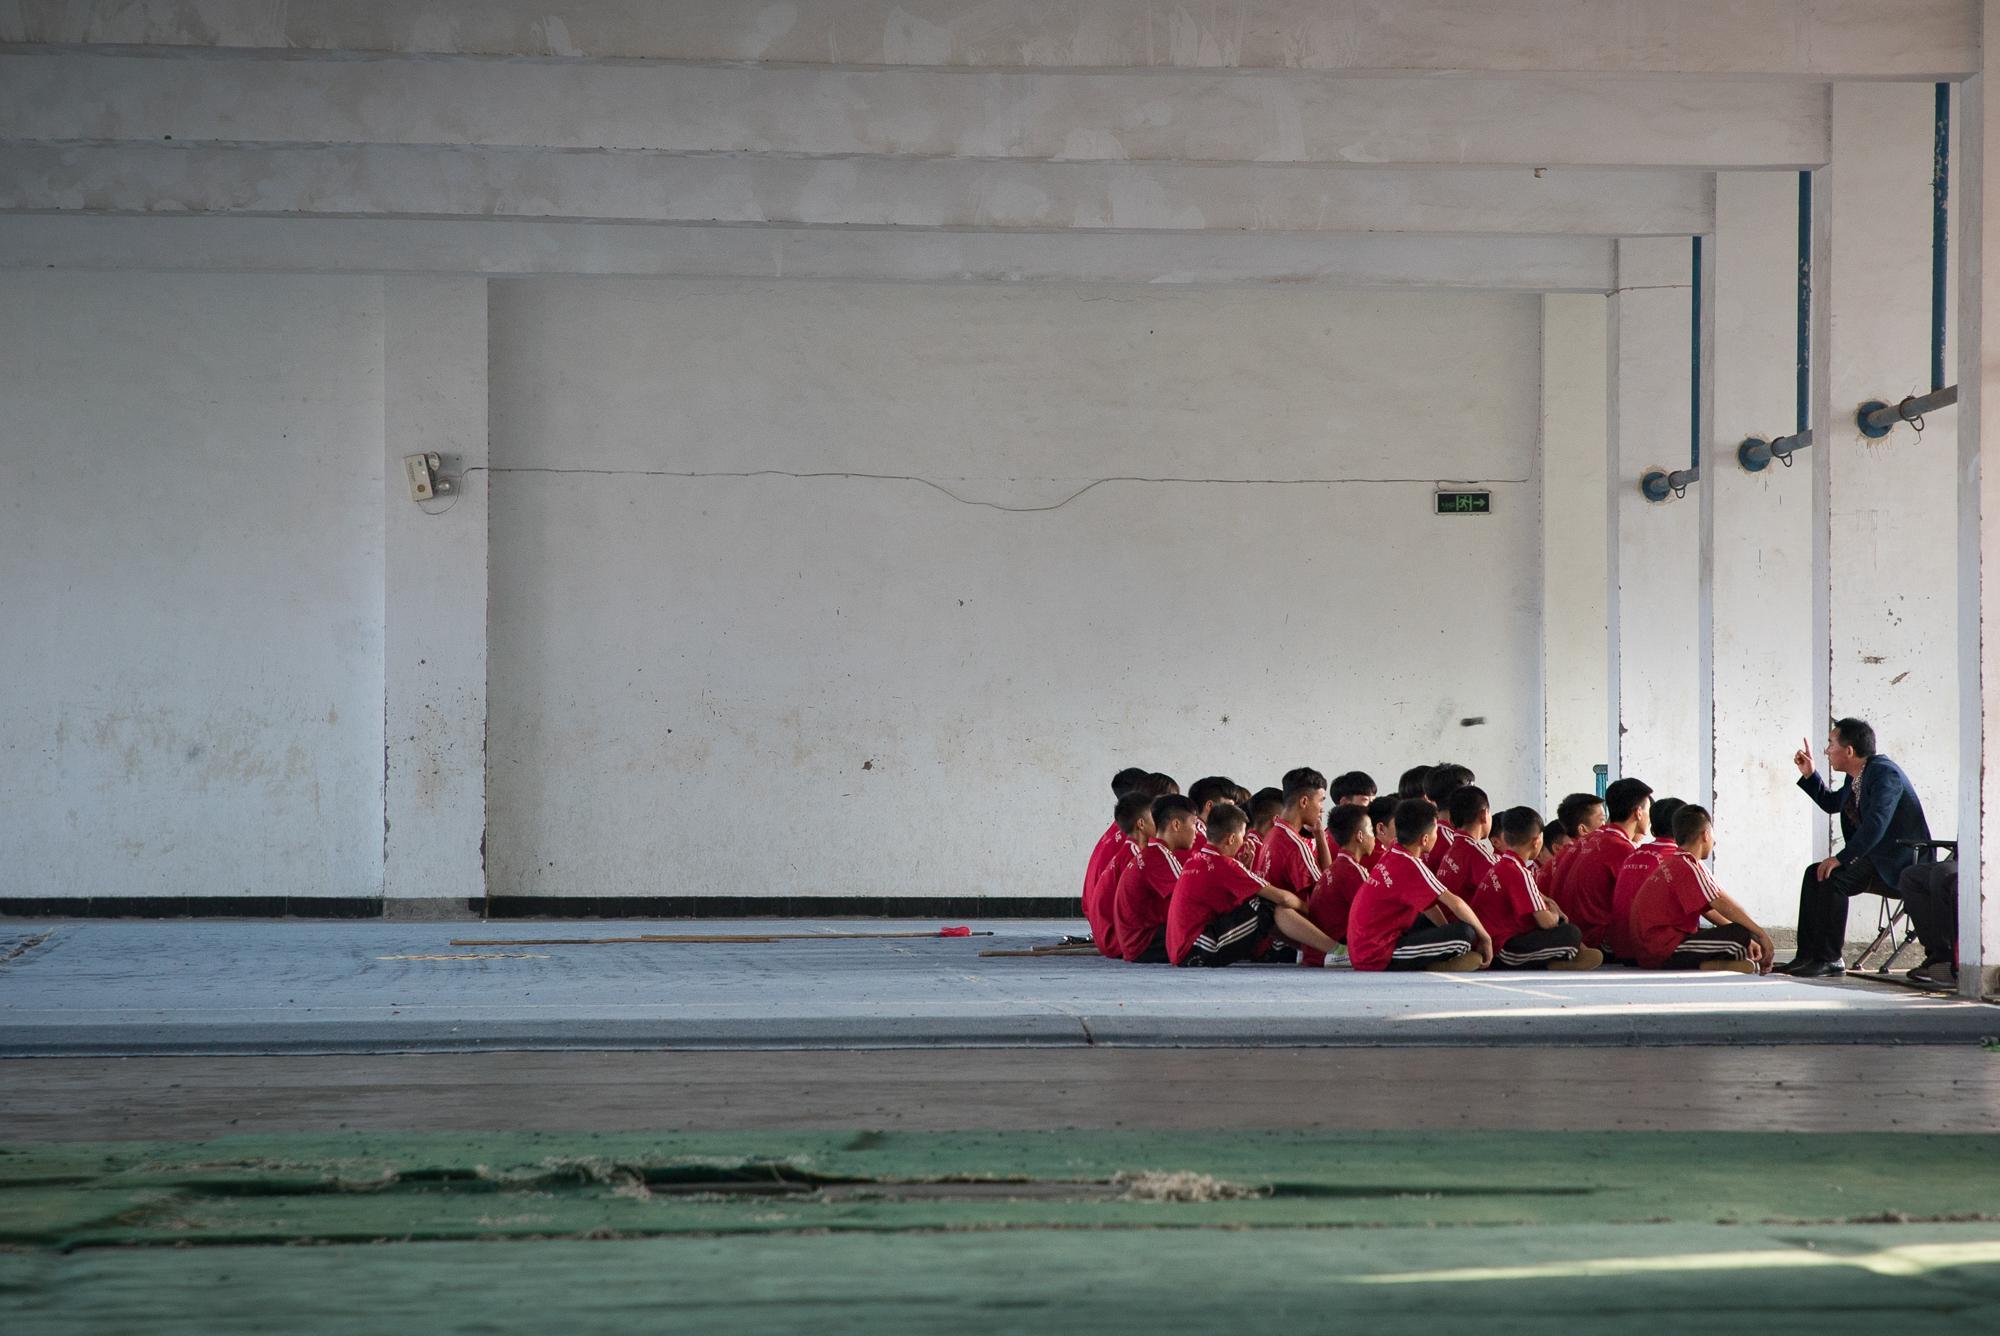 Shaolin-Photos-A7S-00301.jpg